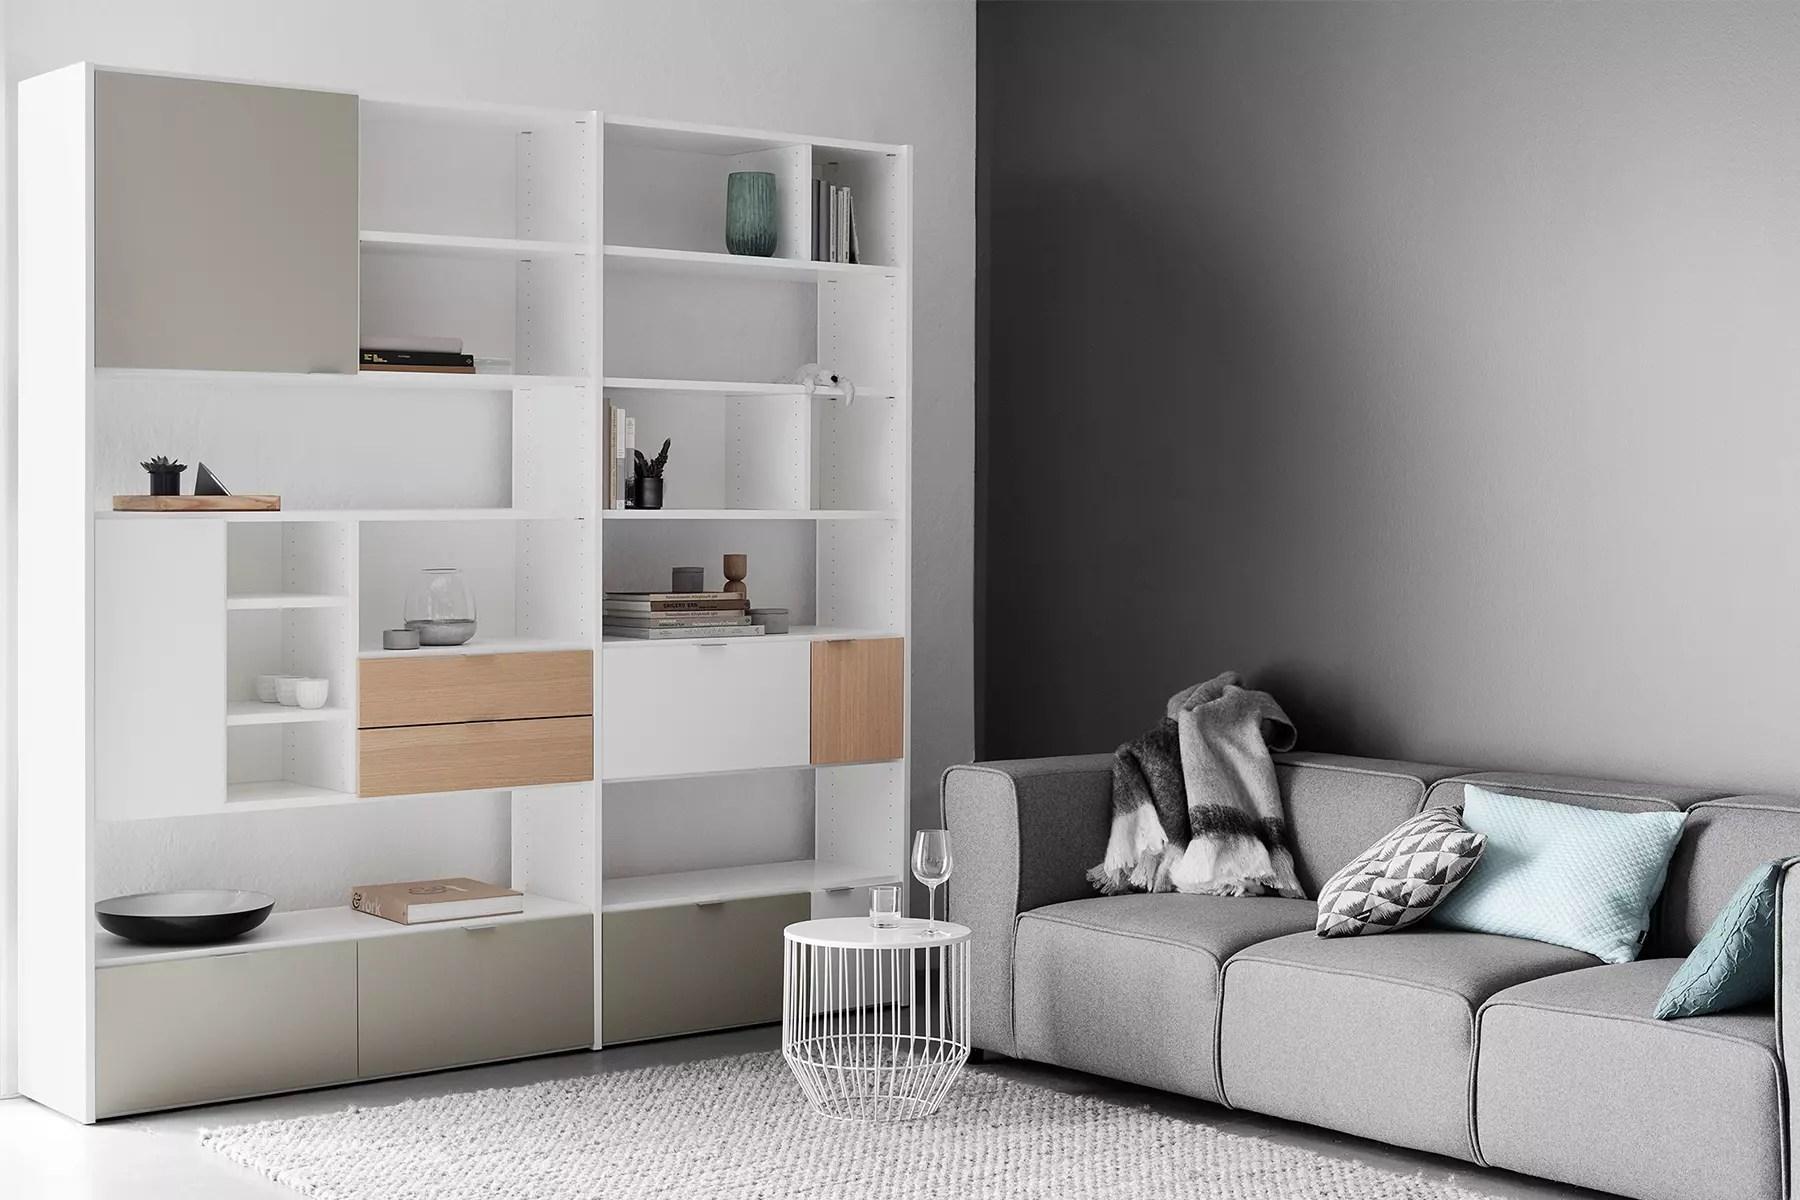 Mur Rangement | Rangement Sur Mesure Coucher Chambre Meubles Espace